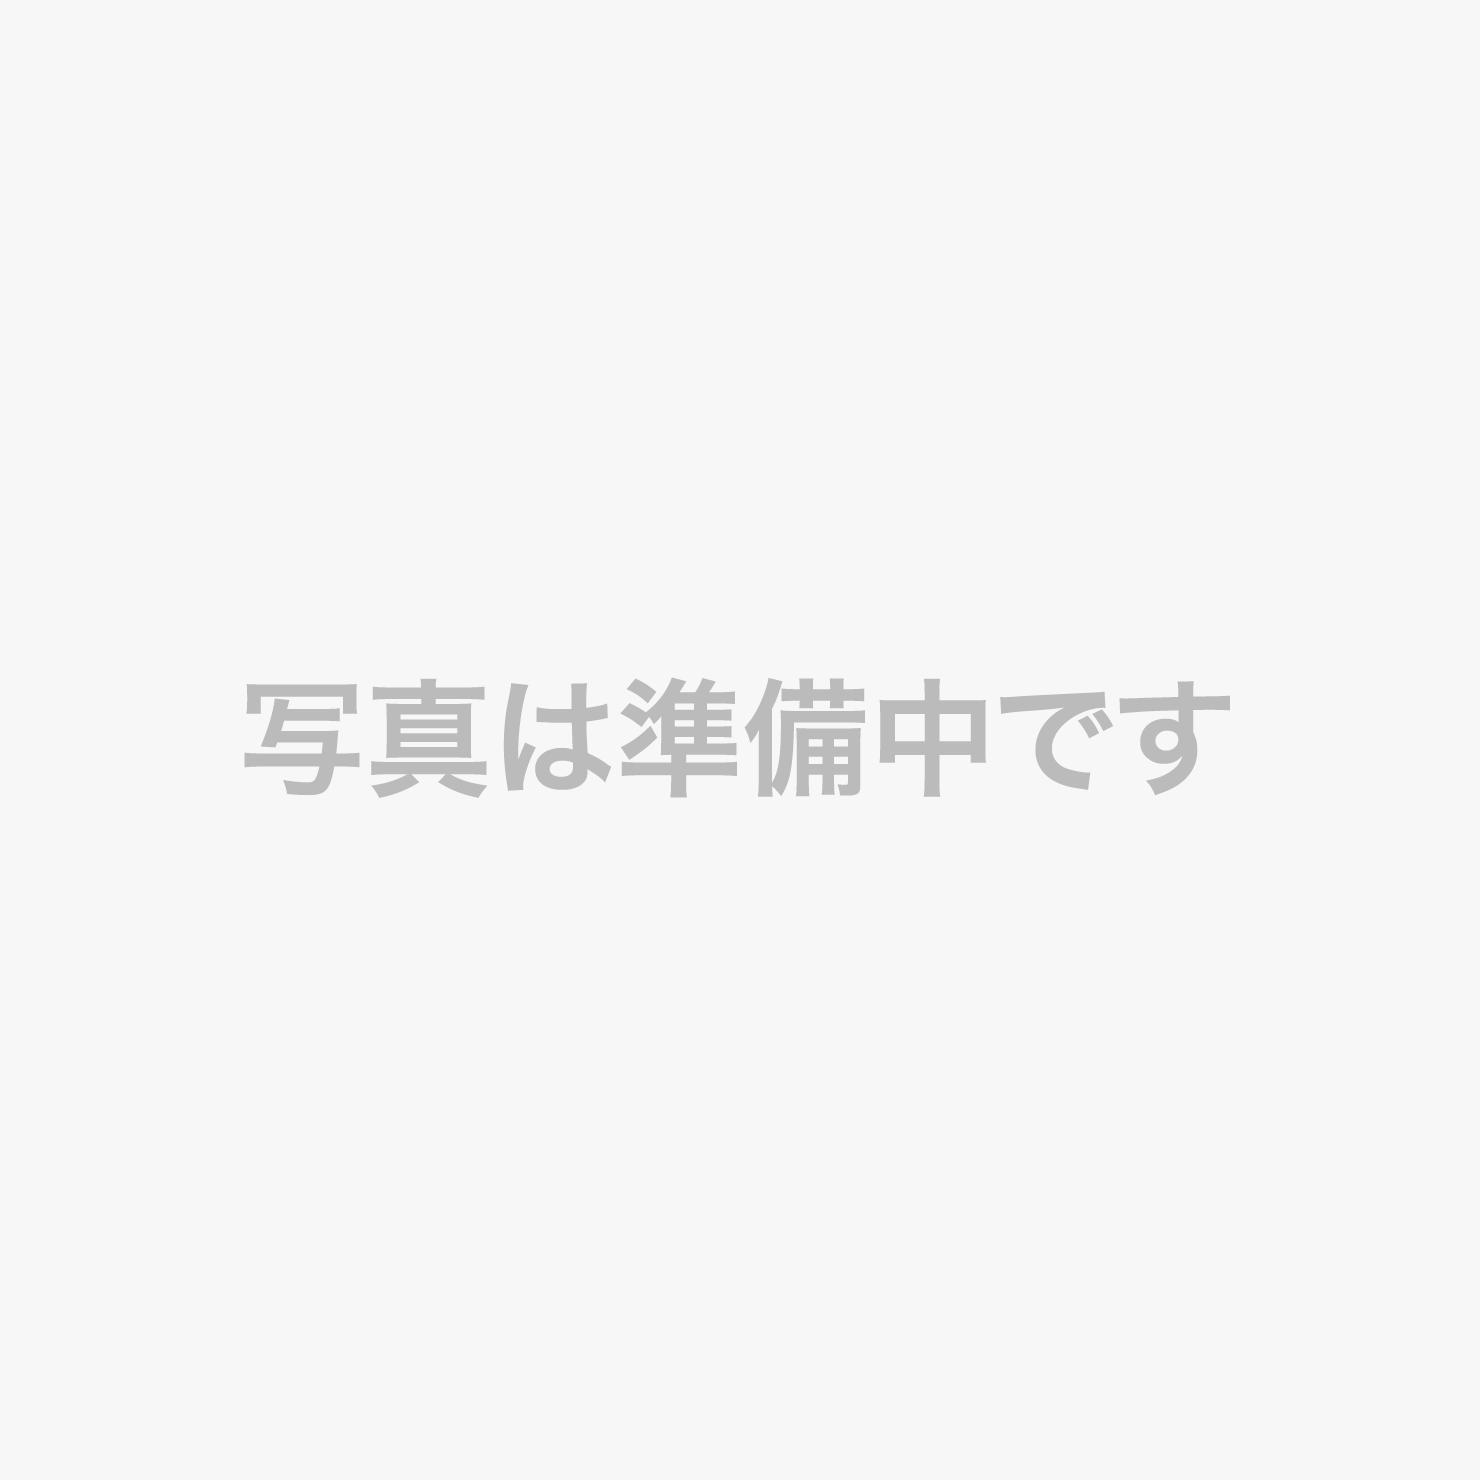 すずめ踊り(写真提供:宮城県観光課)